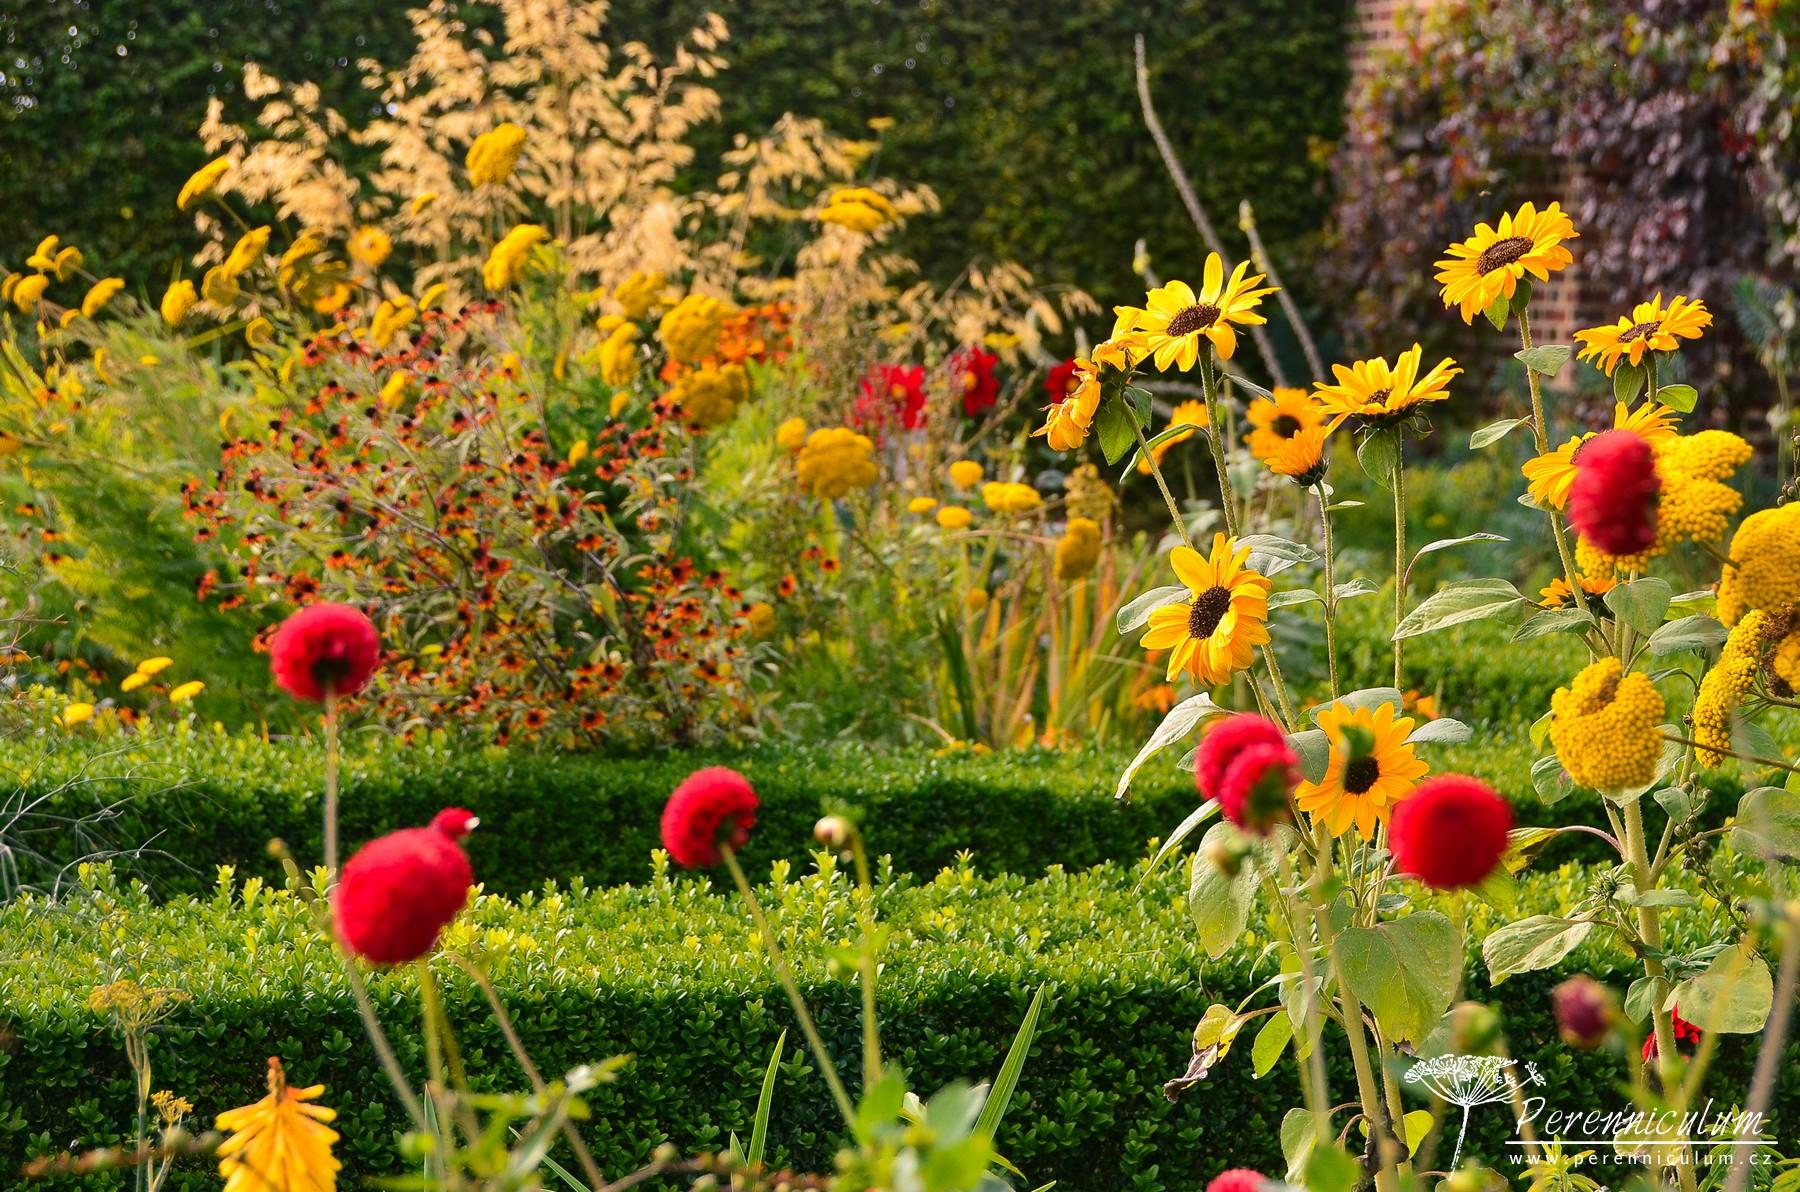 Červené jiřiny (Dahlia) a žluté slunečnice (Helianthus).